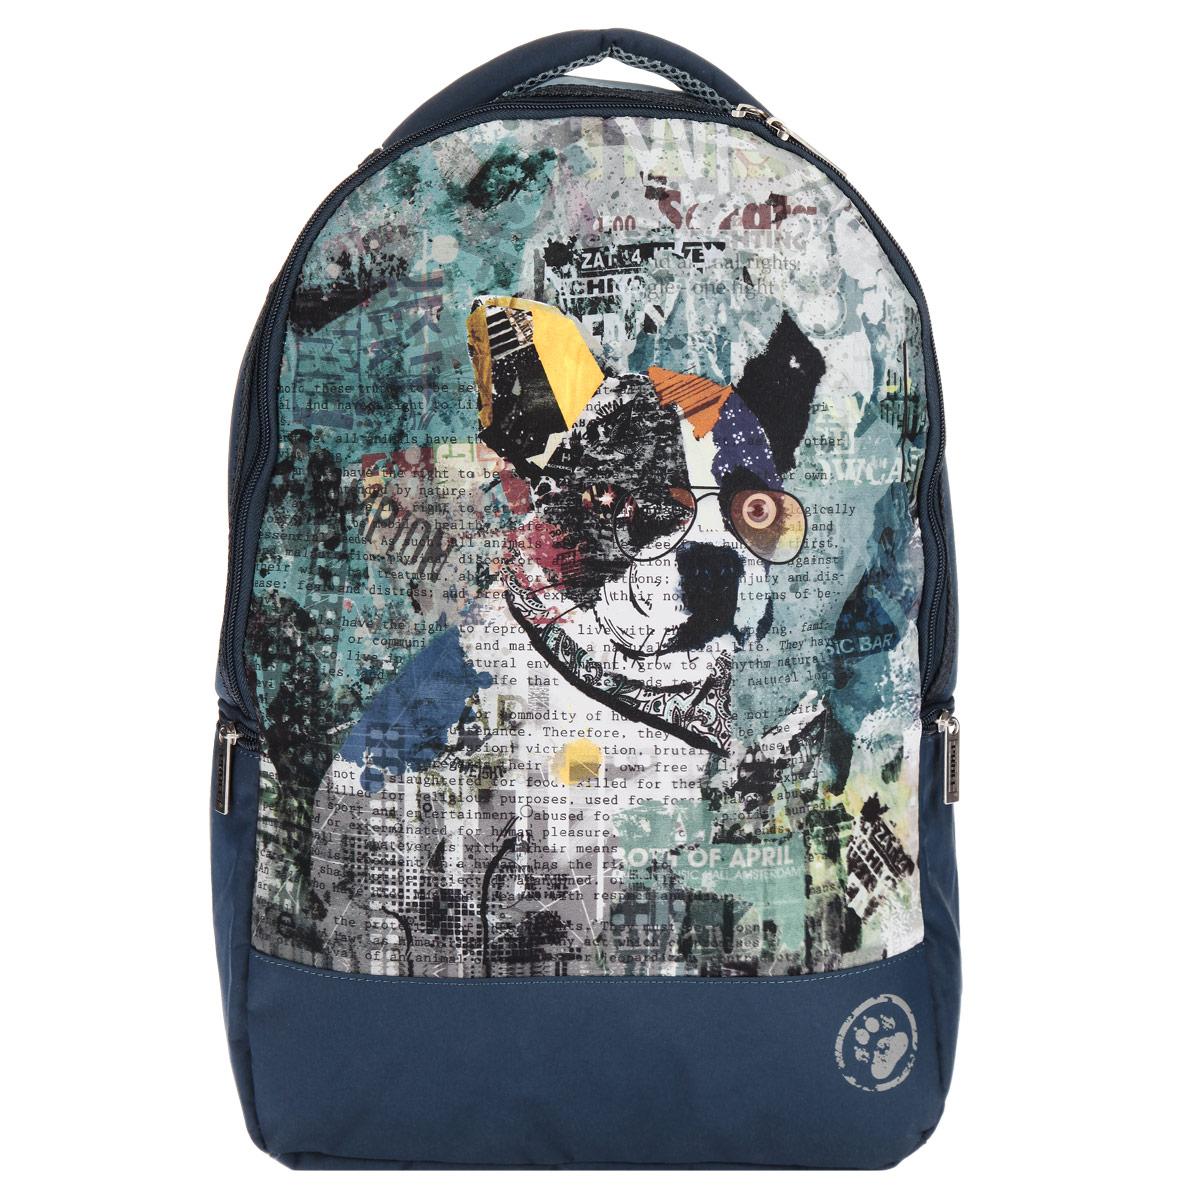 Рюкзак подростковый Proff Modern Trend, цвет: синий, голубой. MS15-BPA-12MS15-BPA-12Рюкзак подростковый Proff Modern Trend станет надежным спутником в получении знаний. Он выполнен из полиэстера, имеет оригинальное оформление в виде стилизованного изображения собаки в очках. Рельеф спинки рюкзака удобен для позвоночника. Рюкзак имеет одно большое отделение, которое закрывается на молнию. Внутри большого отделения расположен накладной карман-сетка на молнии, карман для планшета с мягкой стенкой, два открытых накладных кармана, один накладной карман на молнии, и два небольших кармана для мелочи. Помимо основного отделения, рюкзак имеет два боковых кармана на молнии. Рюкзак оснащен широкими плечевыми ремнями с поролоновым наполнителем, которые регулируются по длине, и мягкой ручкой для переноски в руке.